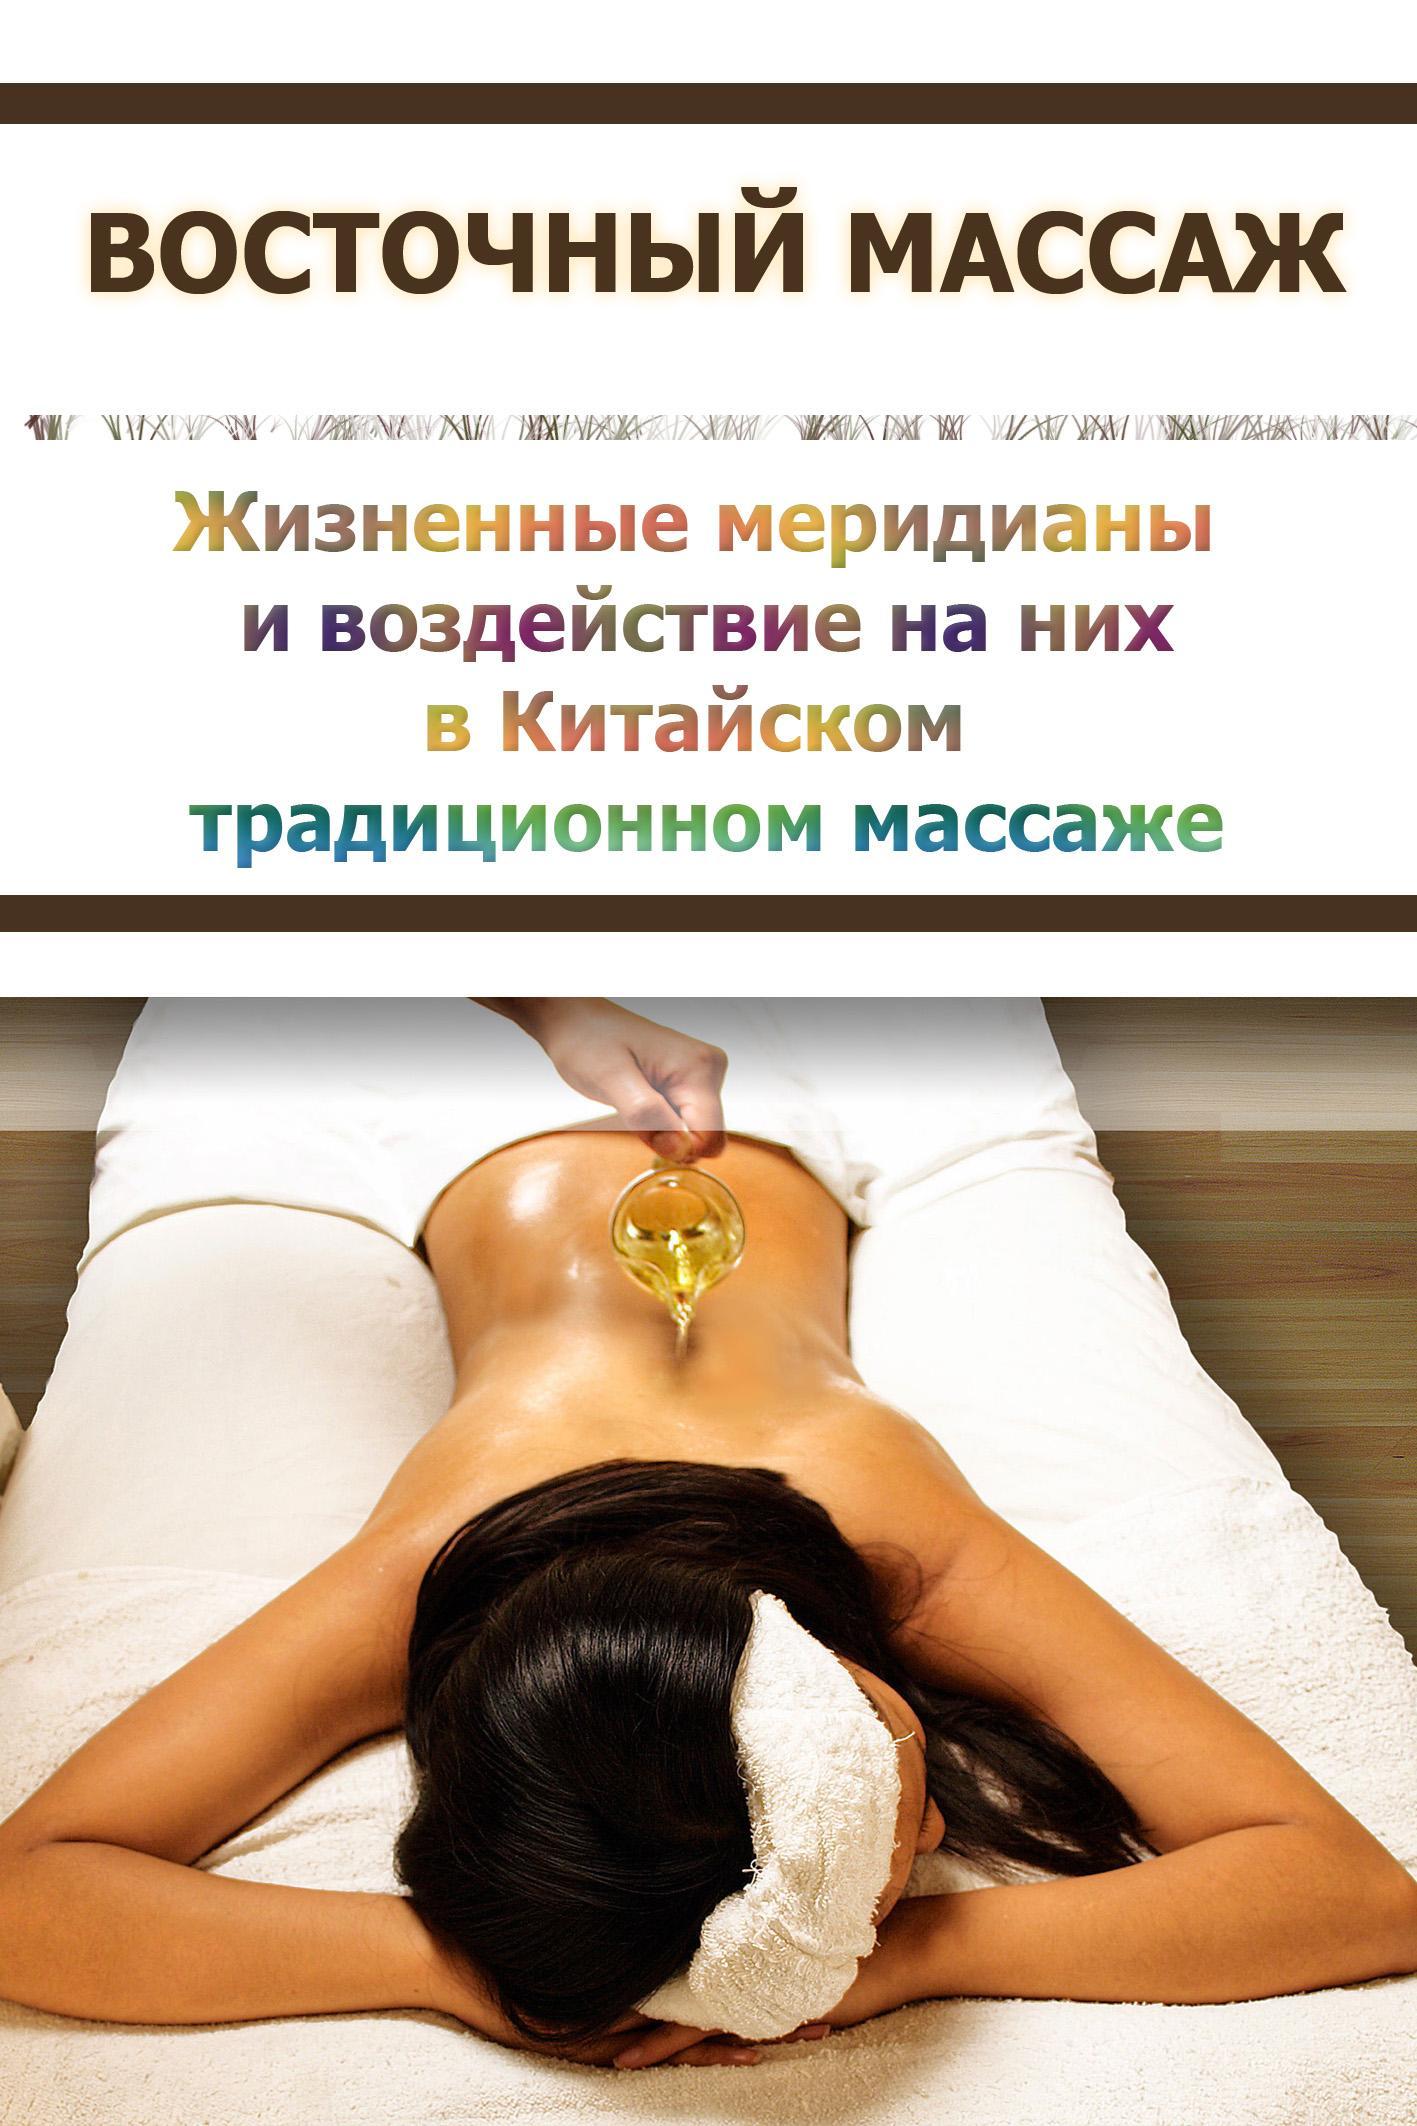 Илья Мельников «Жизненные меридианы и воздействие на них в Китайском традиционном массаже»